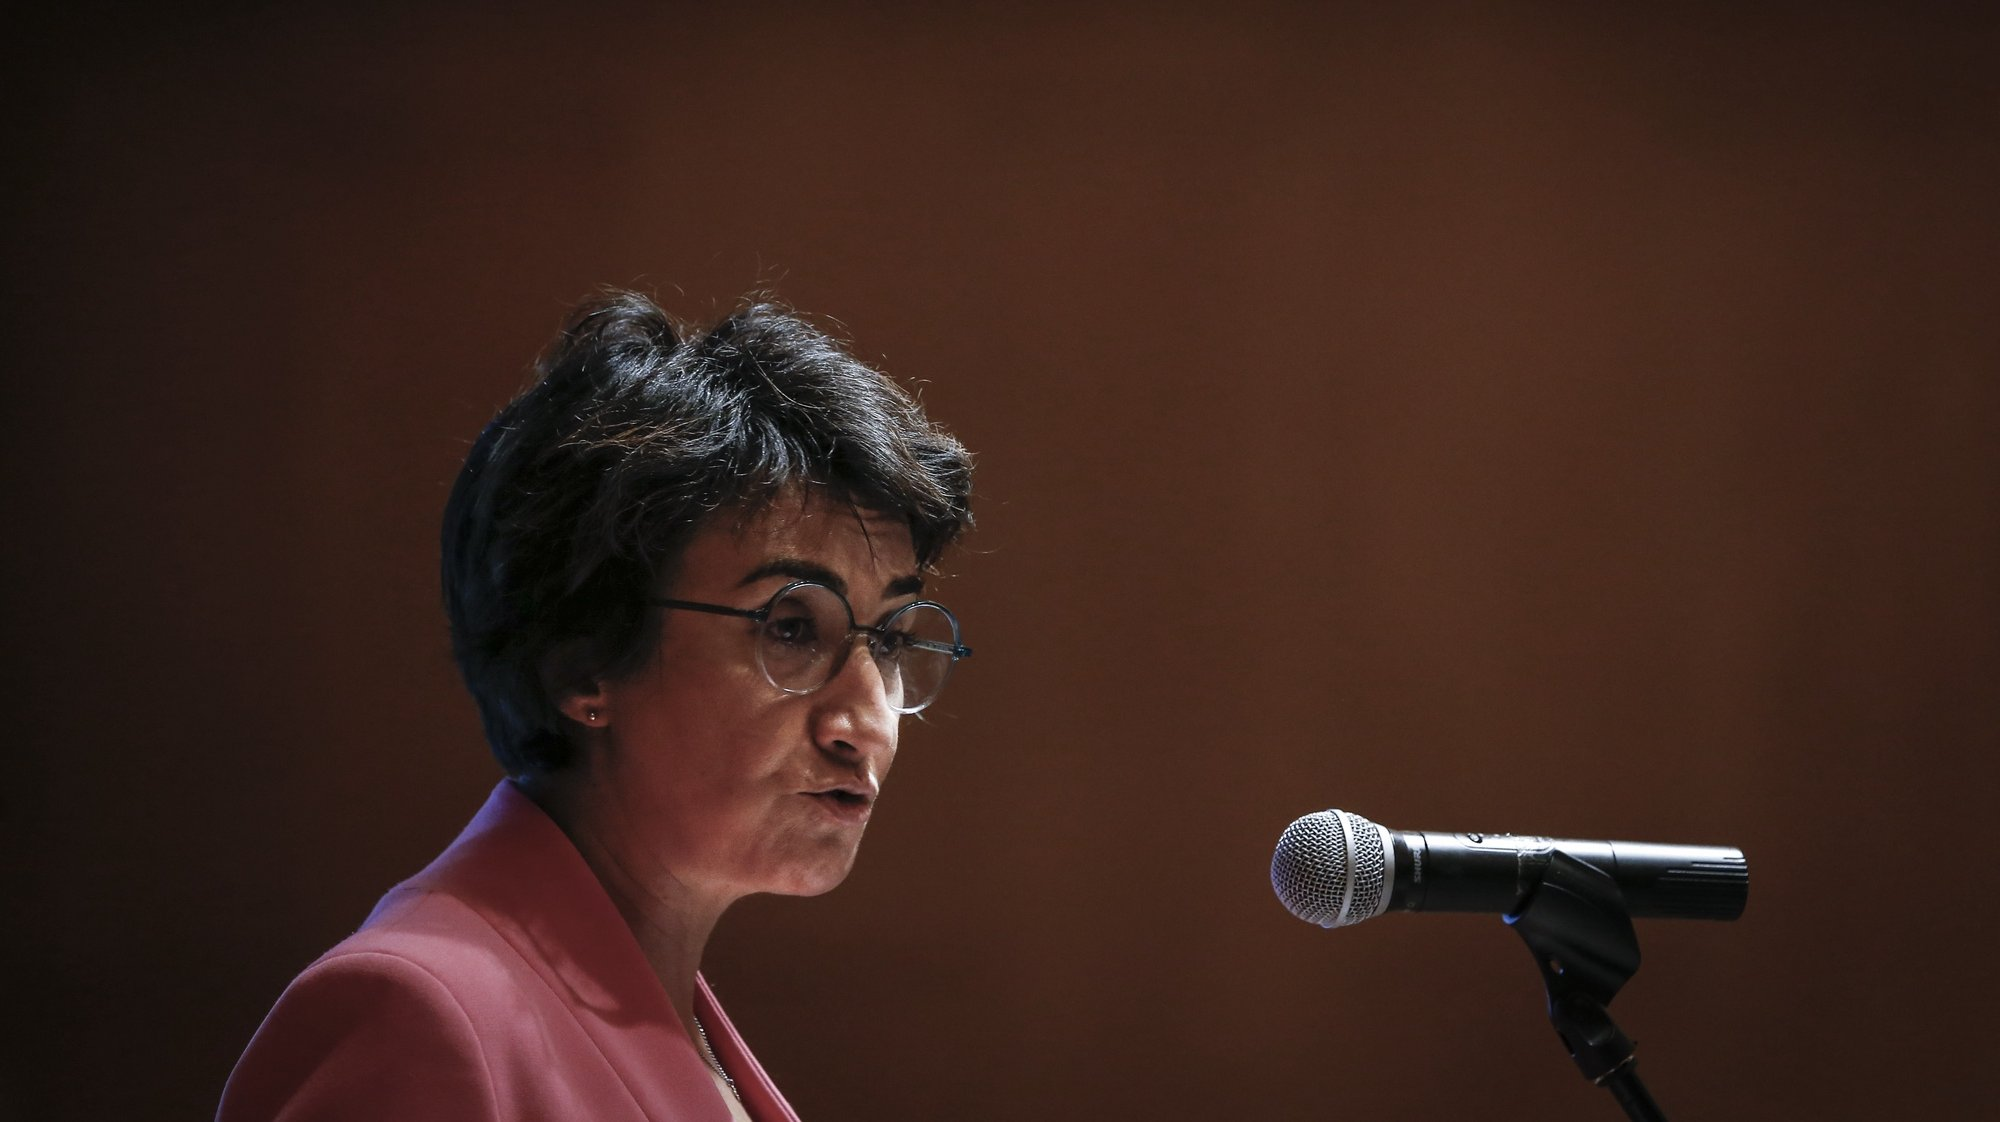 A ministra da Agricultura, Maria do Céu Antunes, discursa durante a sessão de apresentação do Programa Nacional de Investimentos (PNI) 2030, em Lisboa, 22 de outubro de 2020. RODRIGO ANTUNES/LUSA